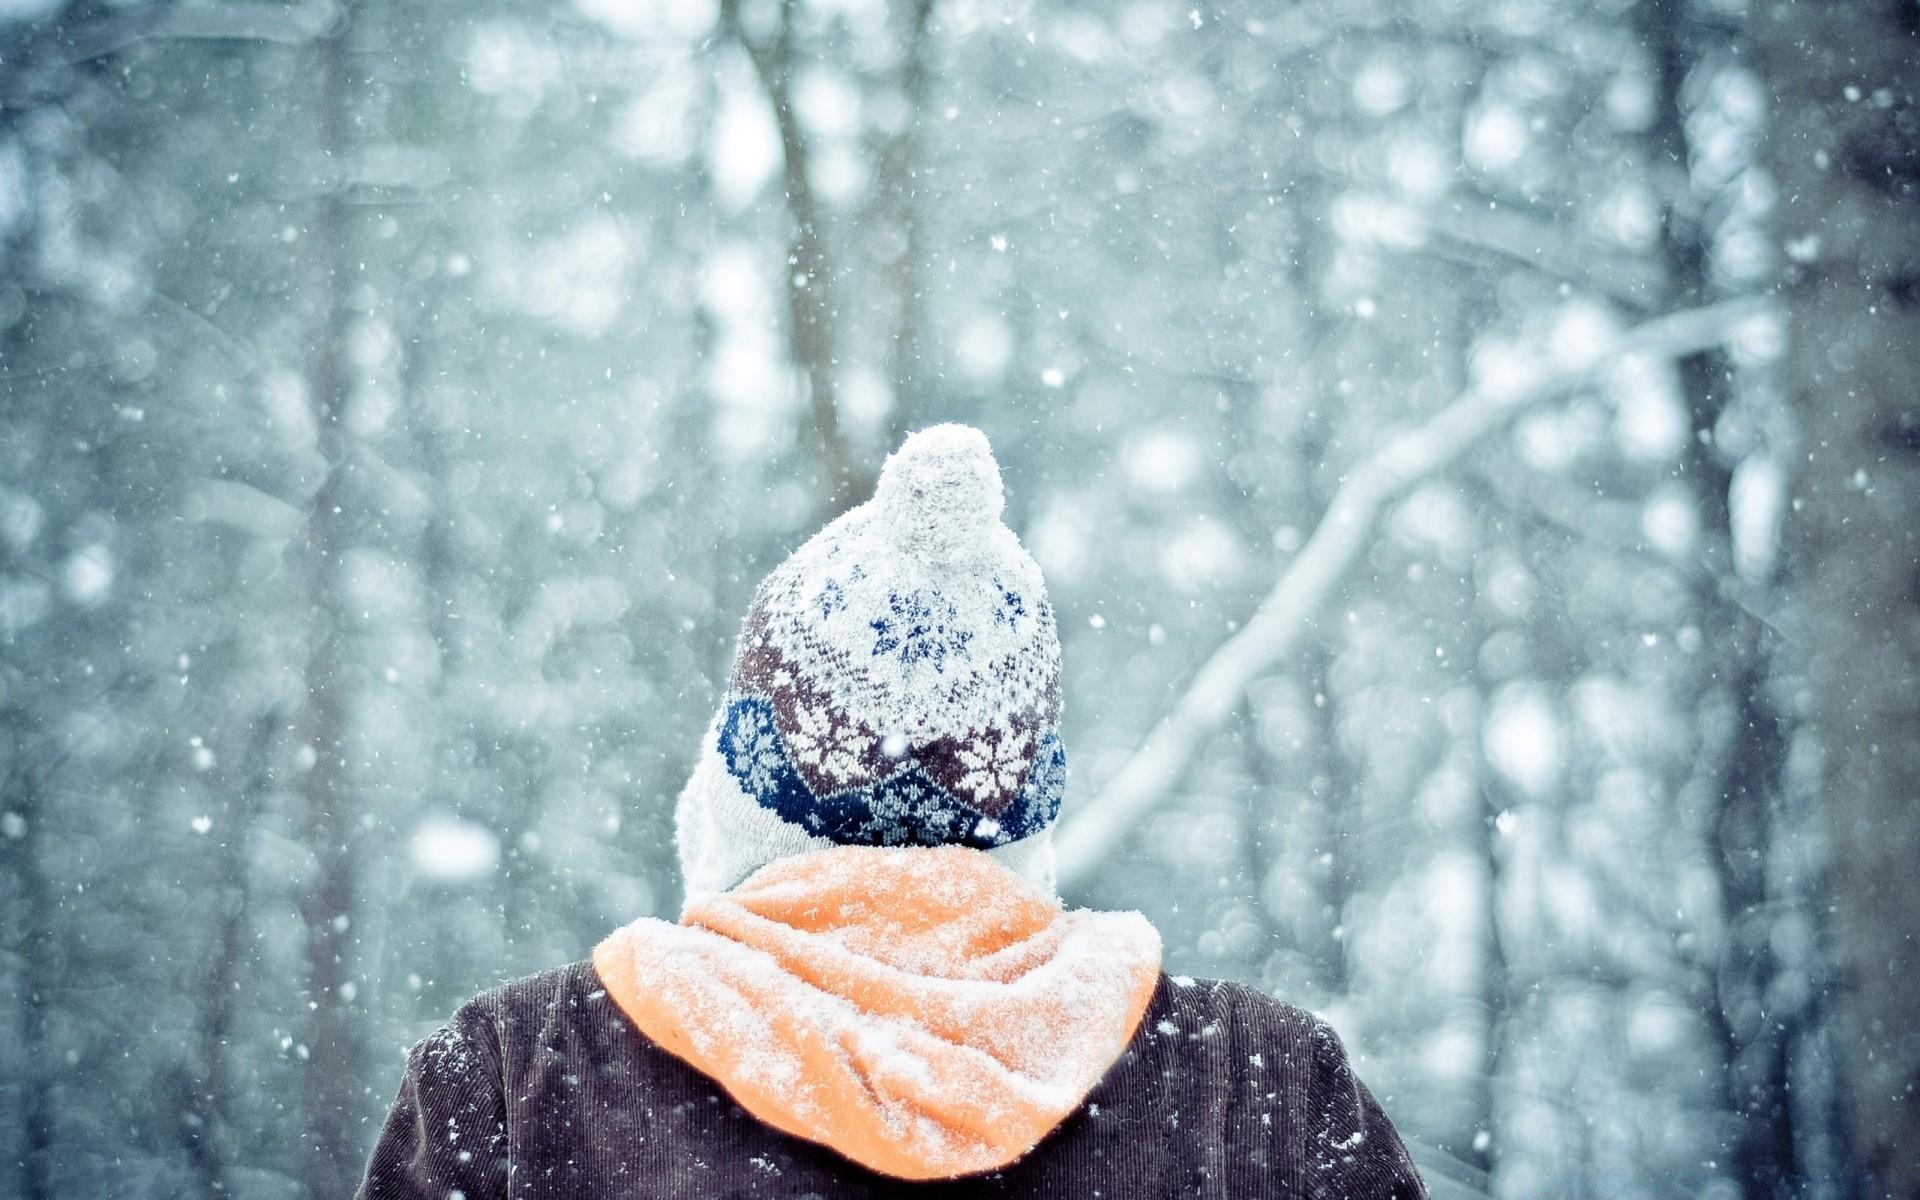 красивая картинка зимы на аву нас дружат